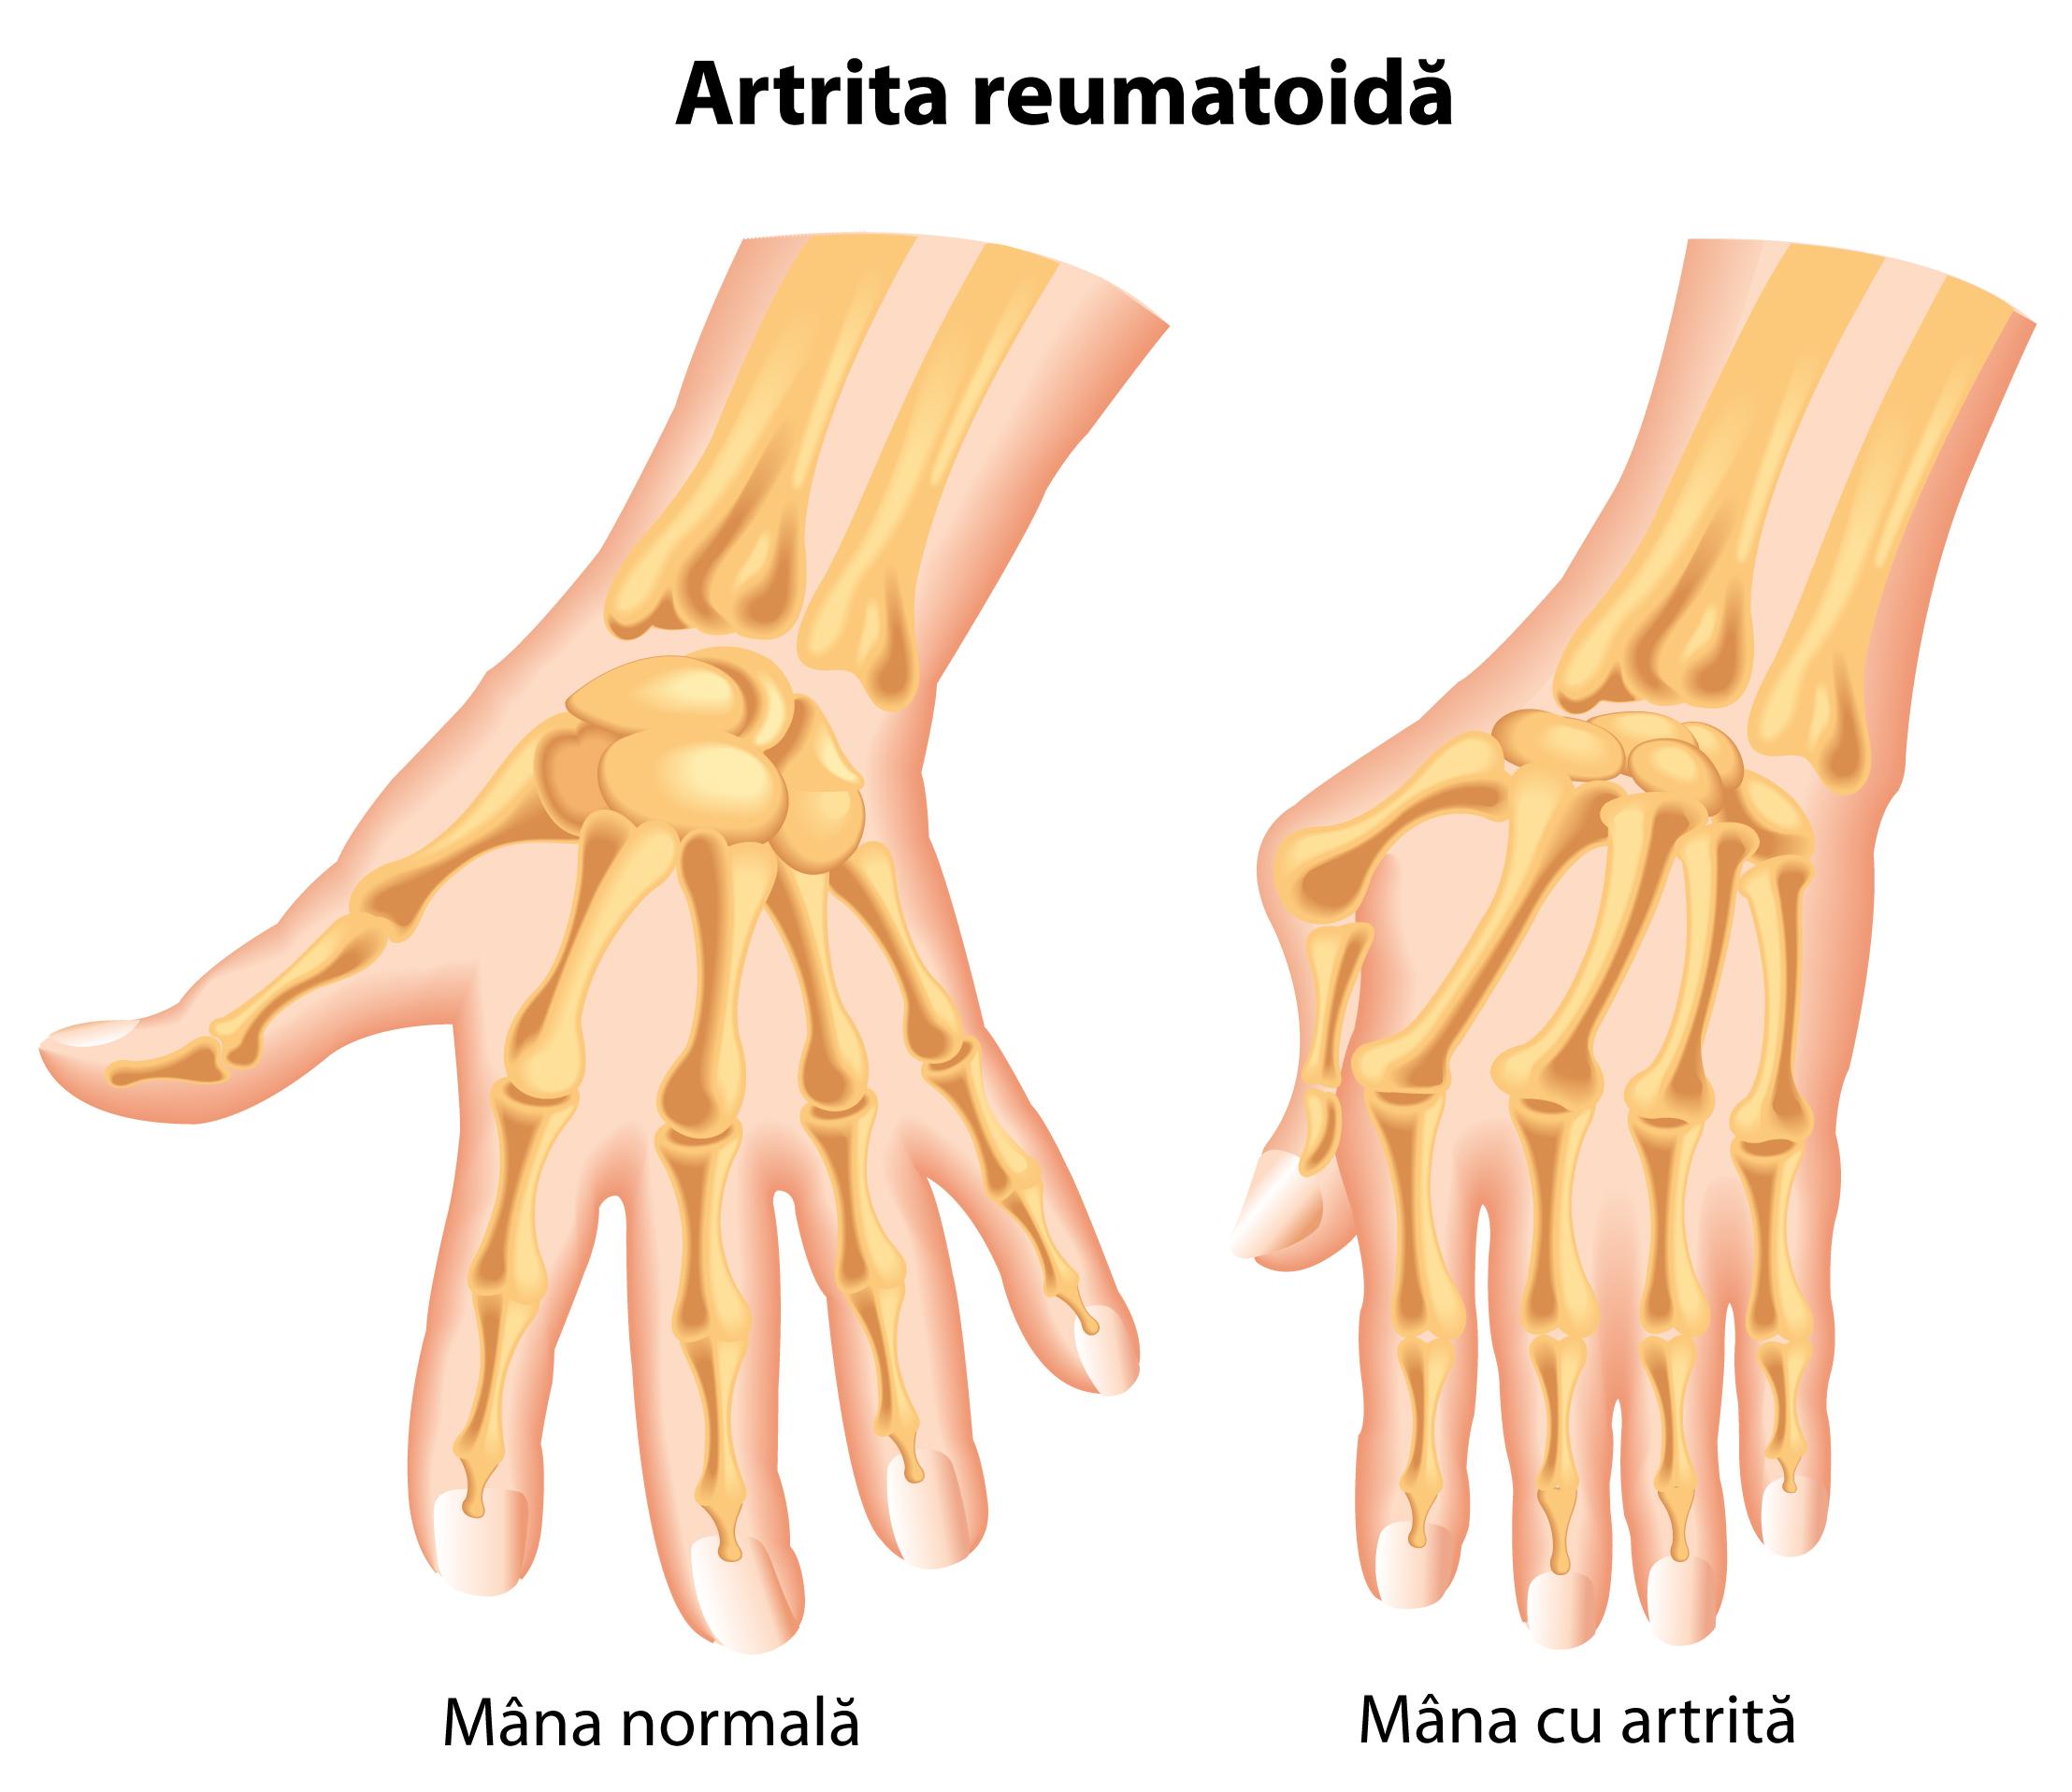 dureri la nivelul articulațiilor și rănit noaptea